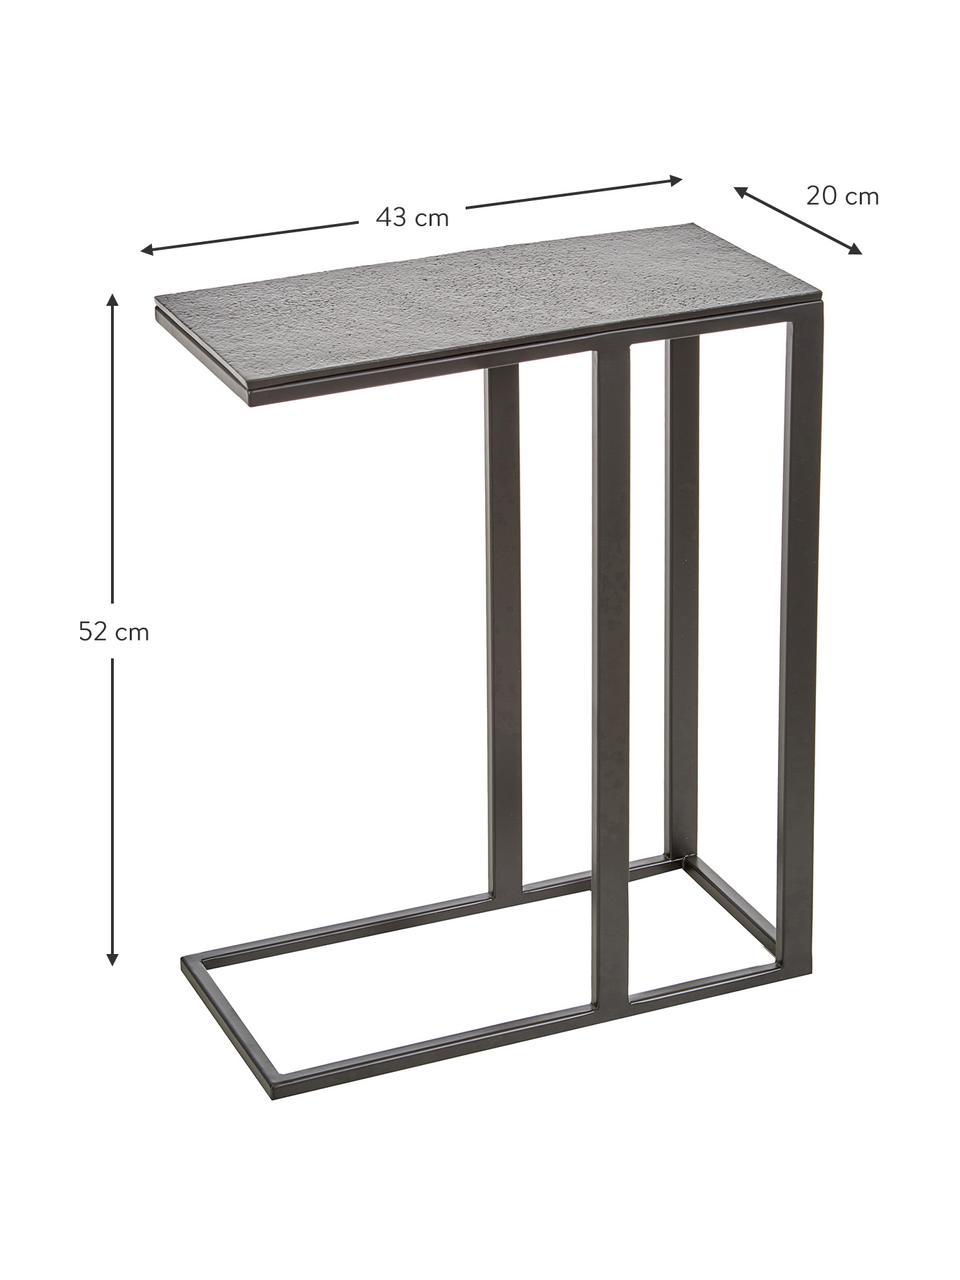 Table d'appoint design industriel Edge, Plateau: noir Structure: noir, mat